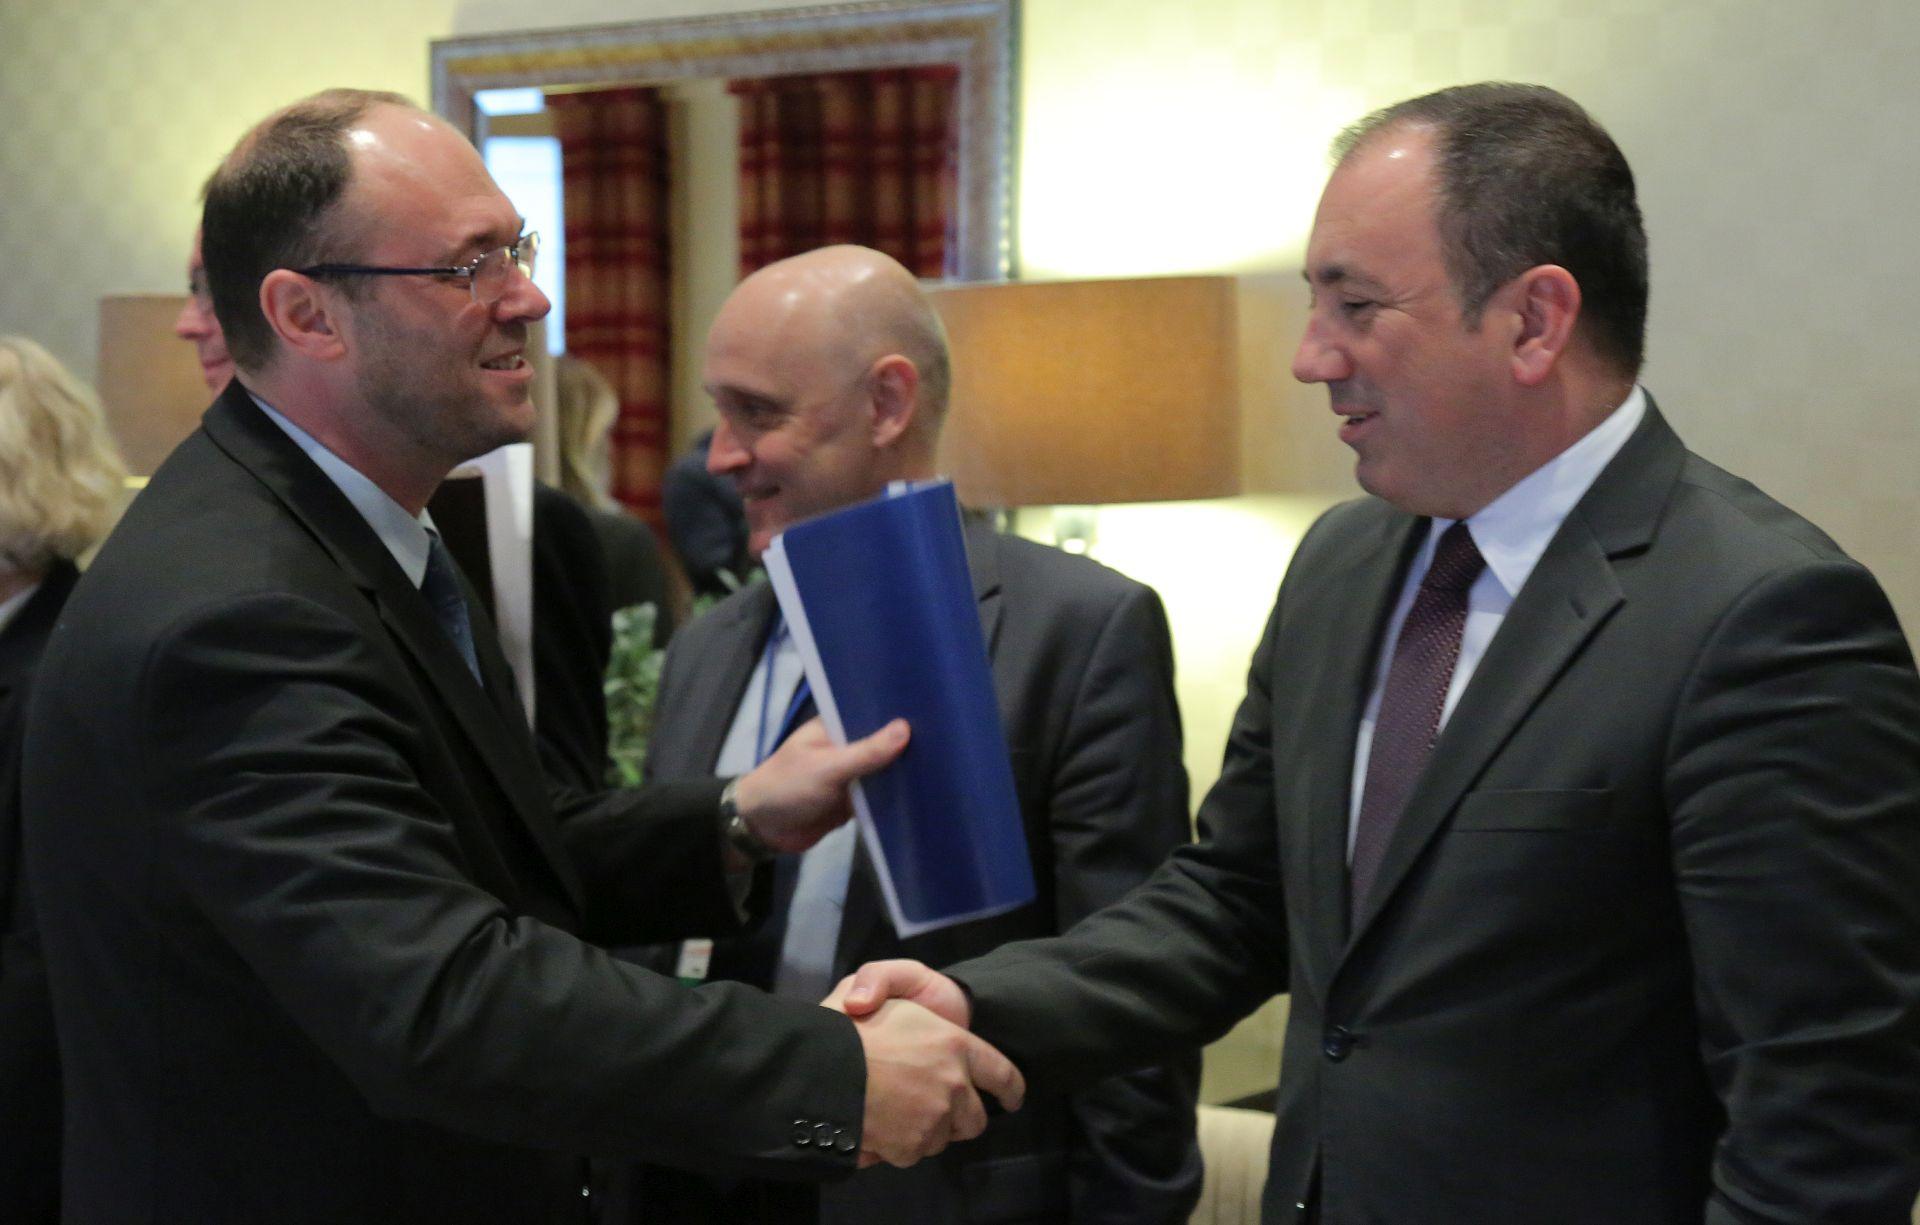 STIER: NATO želi i dalje ostati angažiran i prisutan u JI Europi